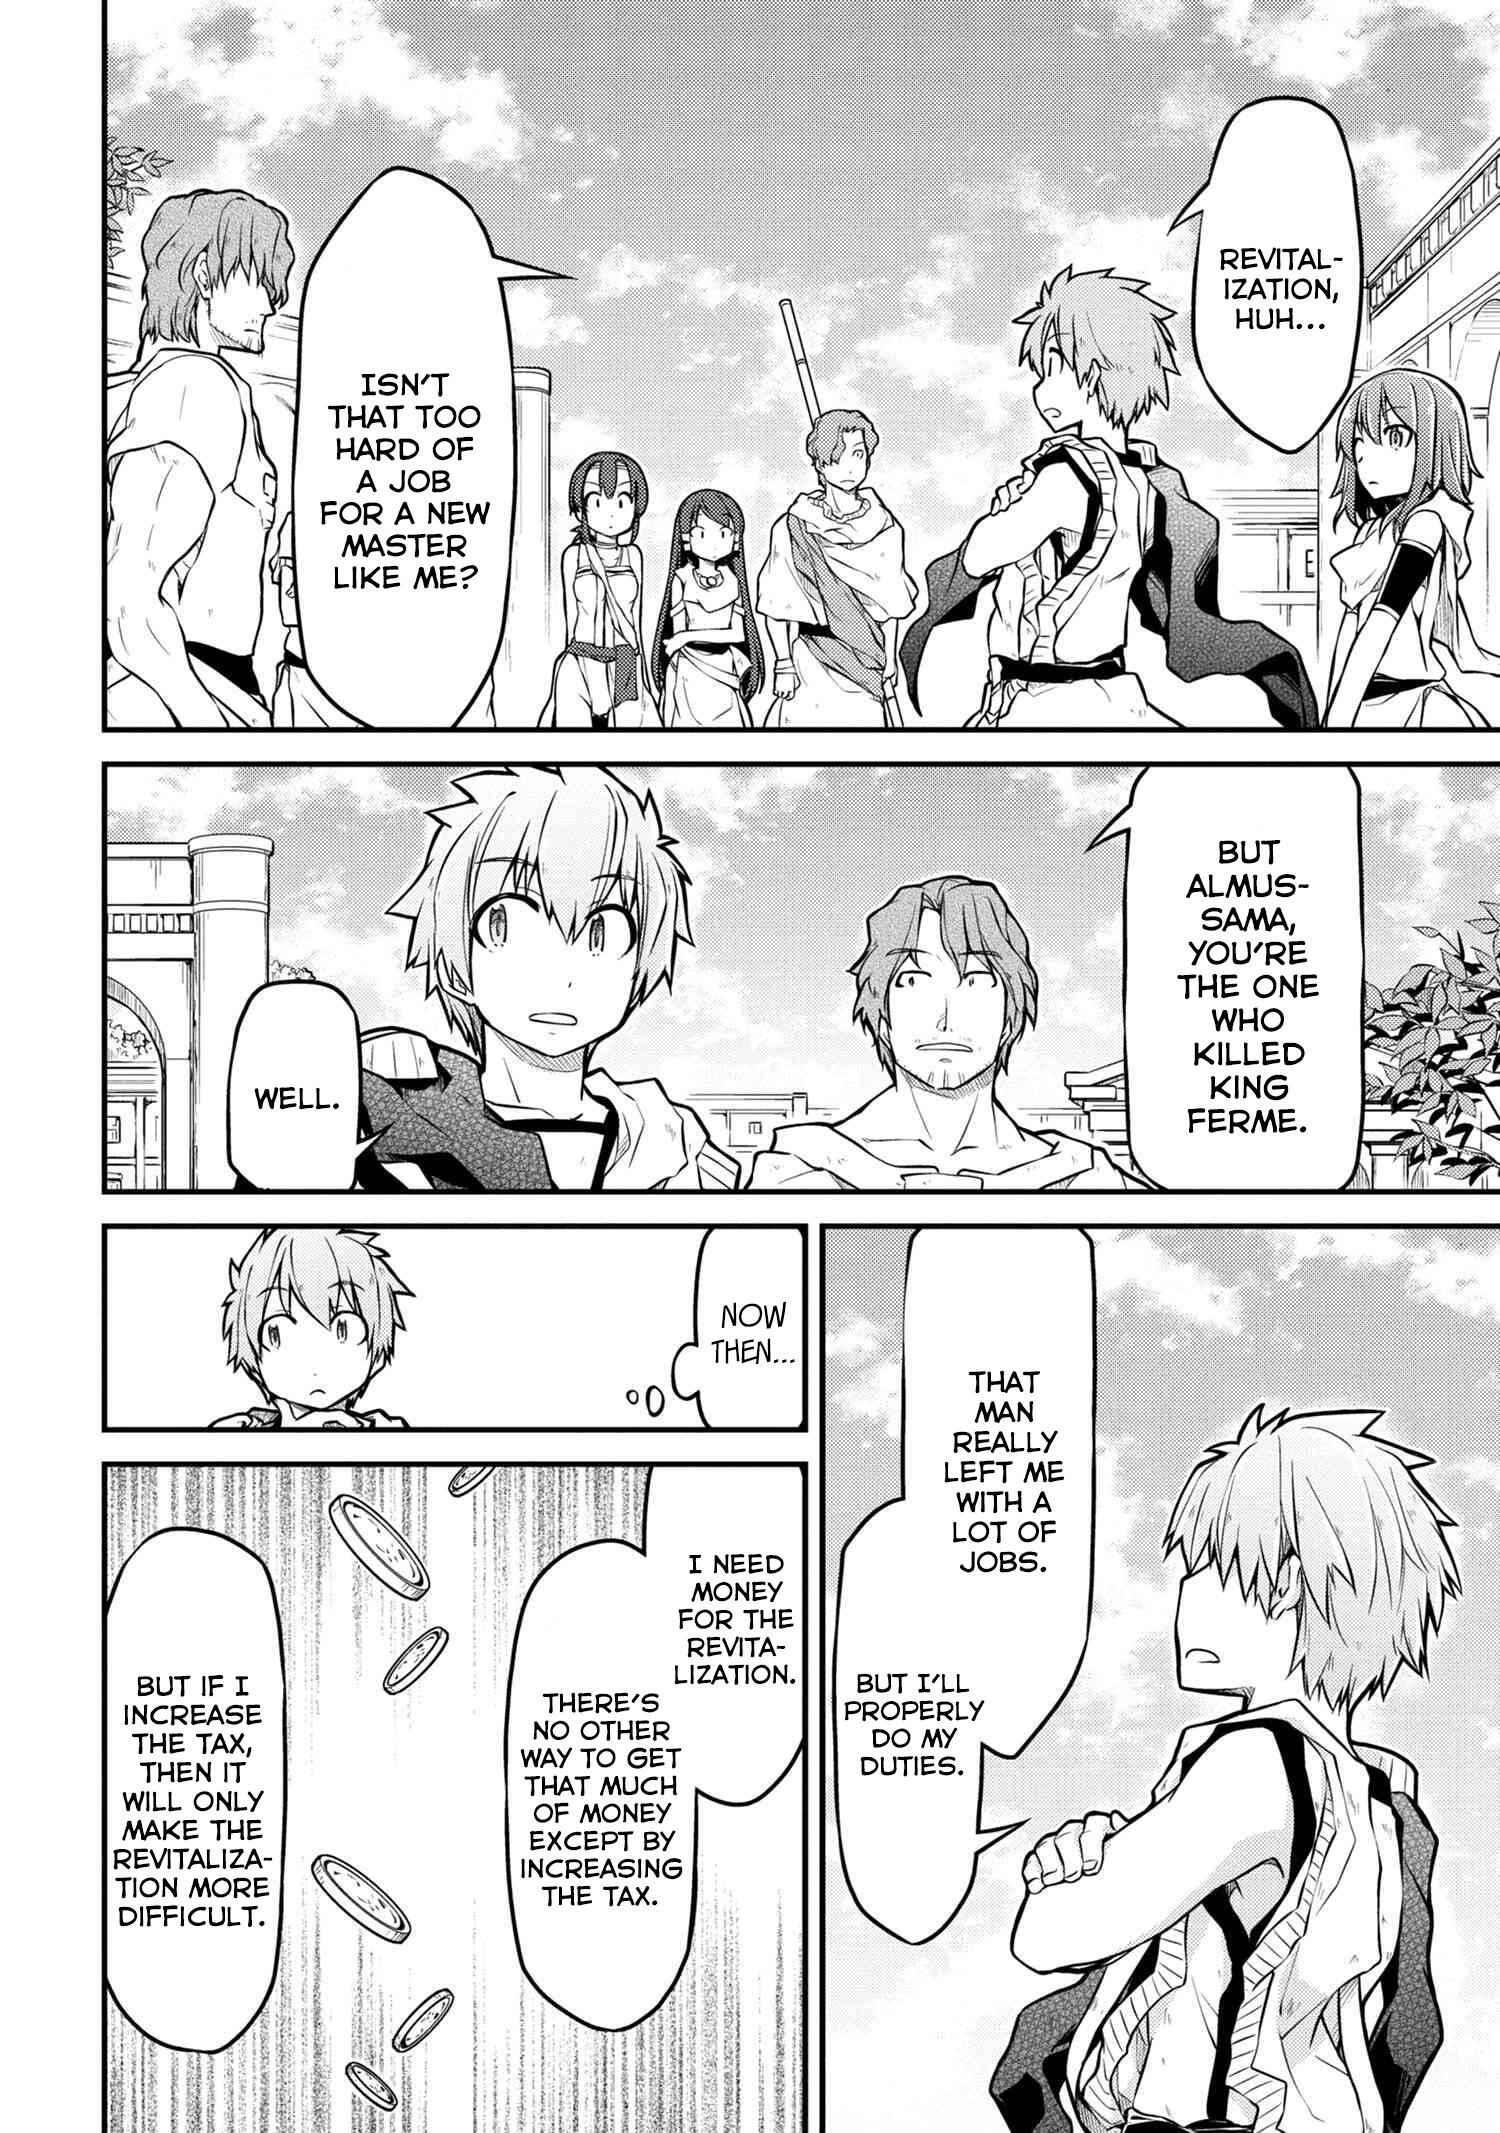 Isekai Kenkokuki - chapter 30.2-eng-li